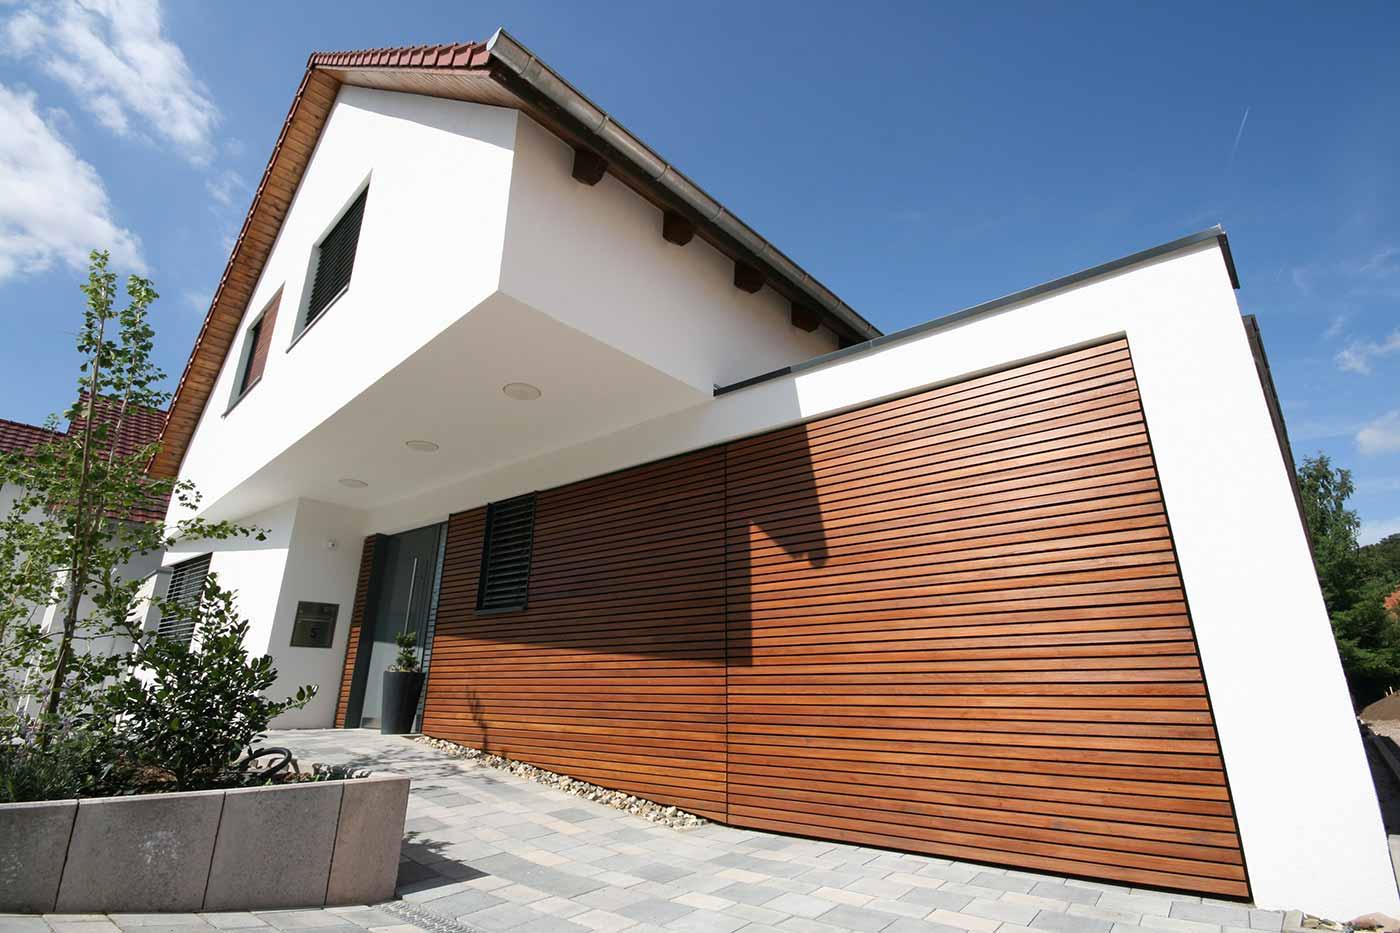 inarte innenarchitektur neubau wohnhaus a 005 in worbis. Black Bedroom Furniture Sets. Home Design Ideas